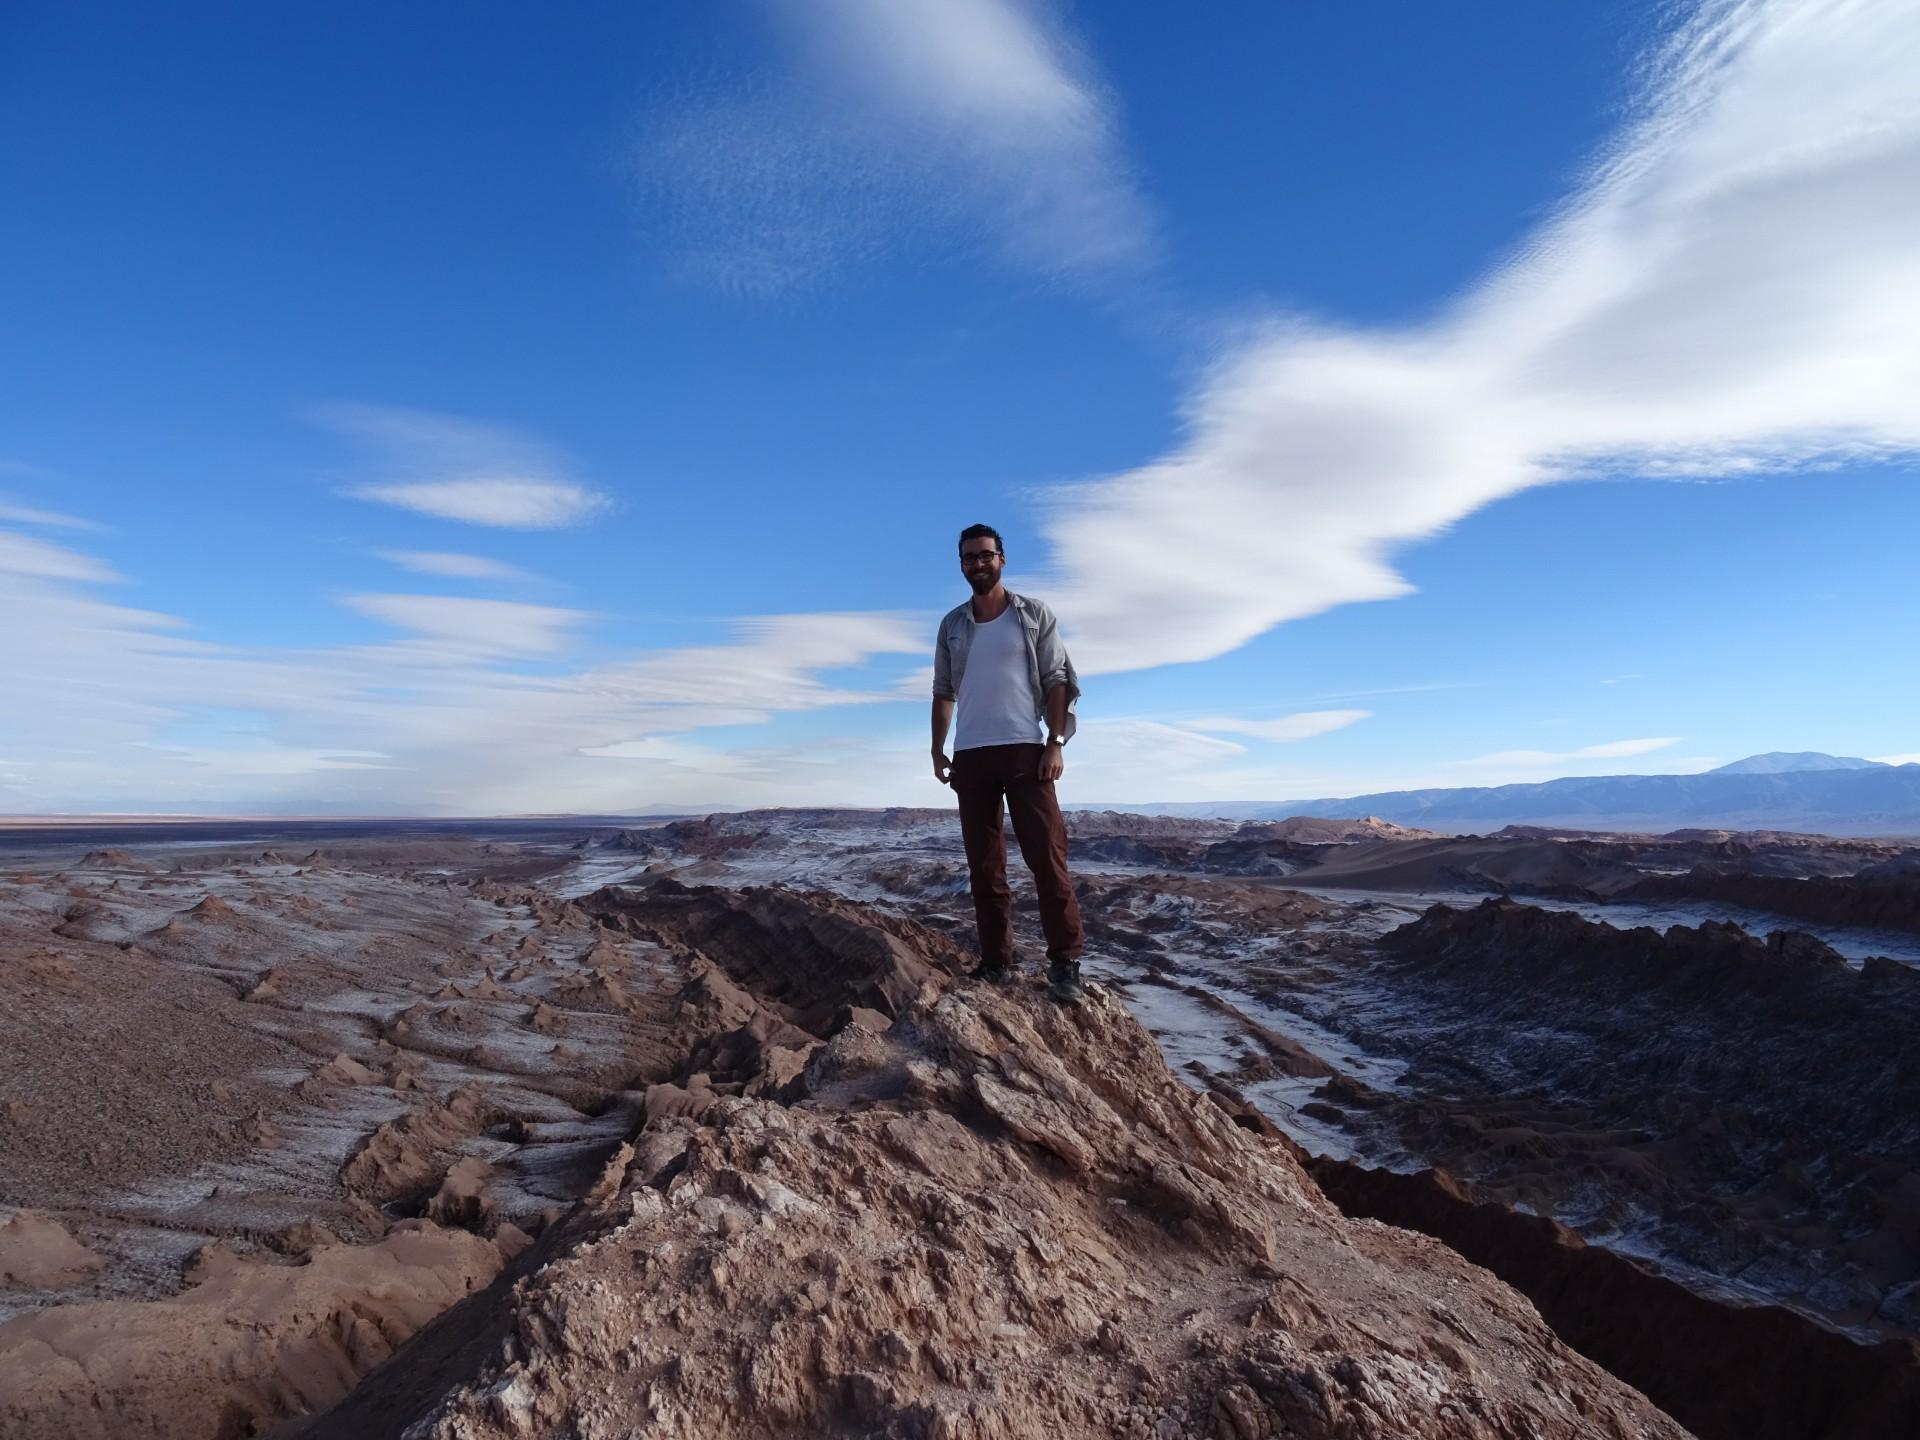 Me. On Mars. Honest!